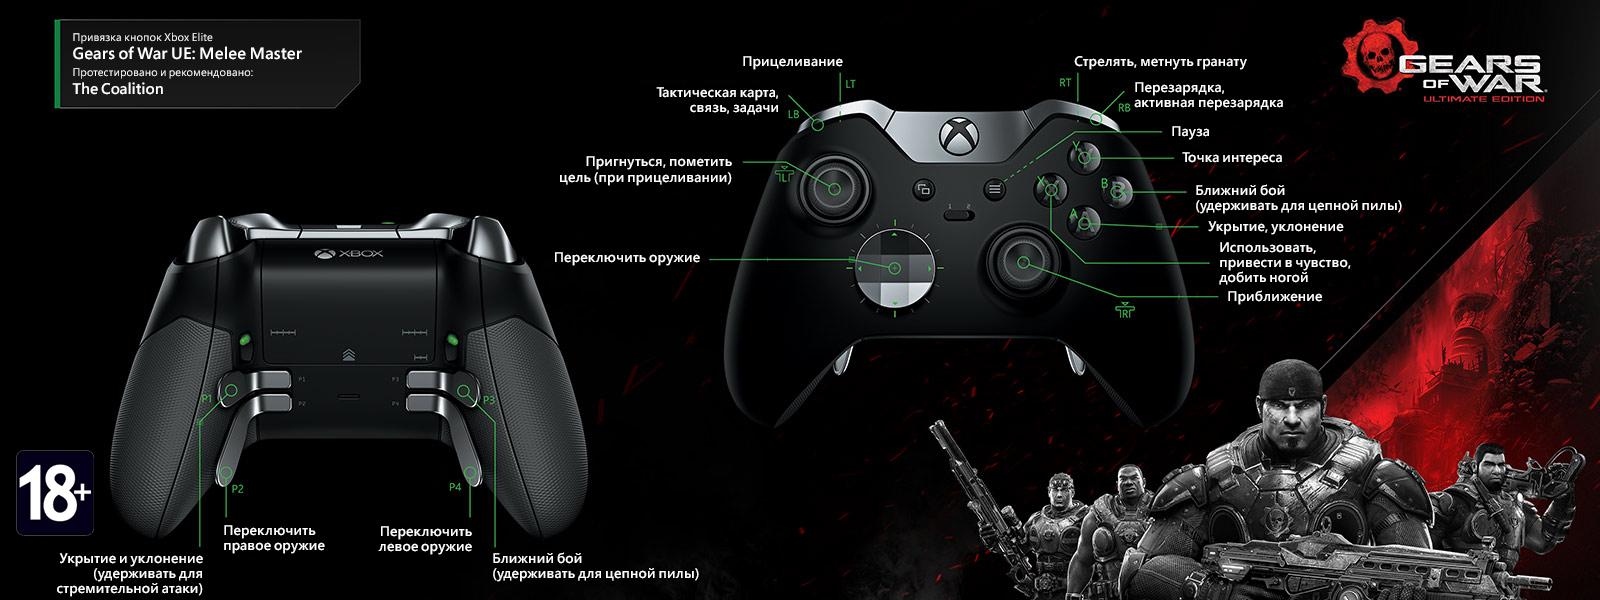 Gears of War: Ultimate Edition — раскладка для мастеров ближнего боя для мультиплеера под геймпад Elite